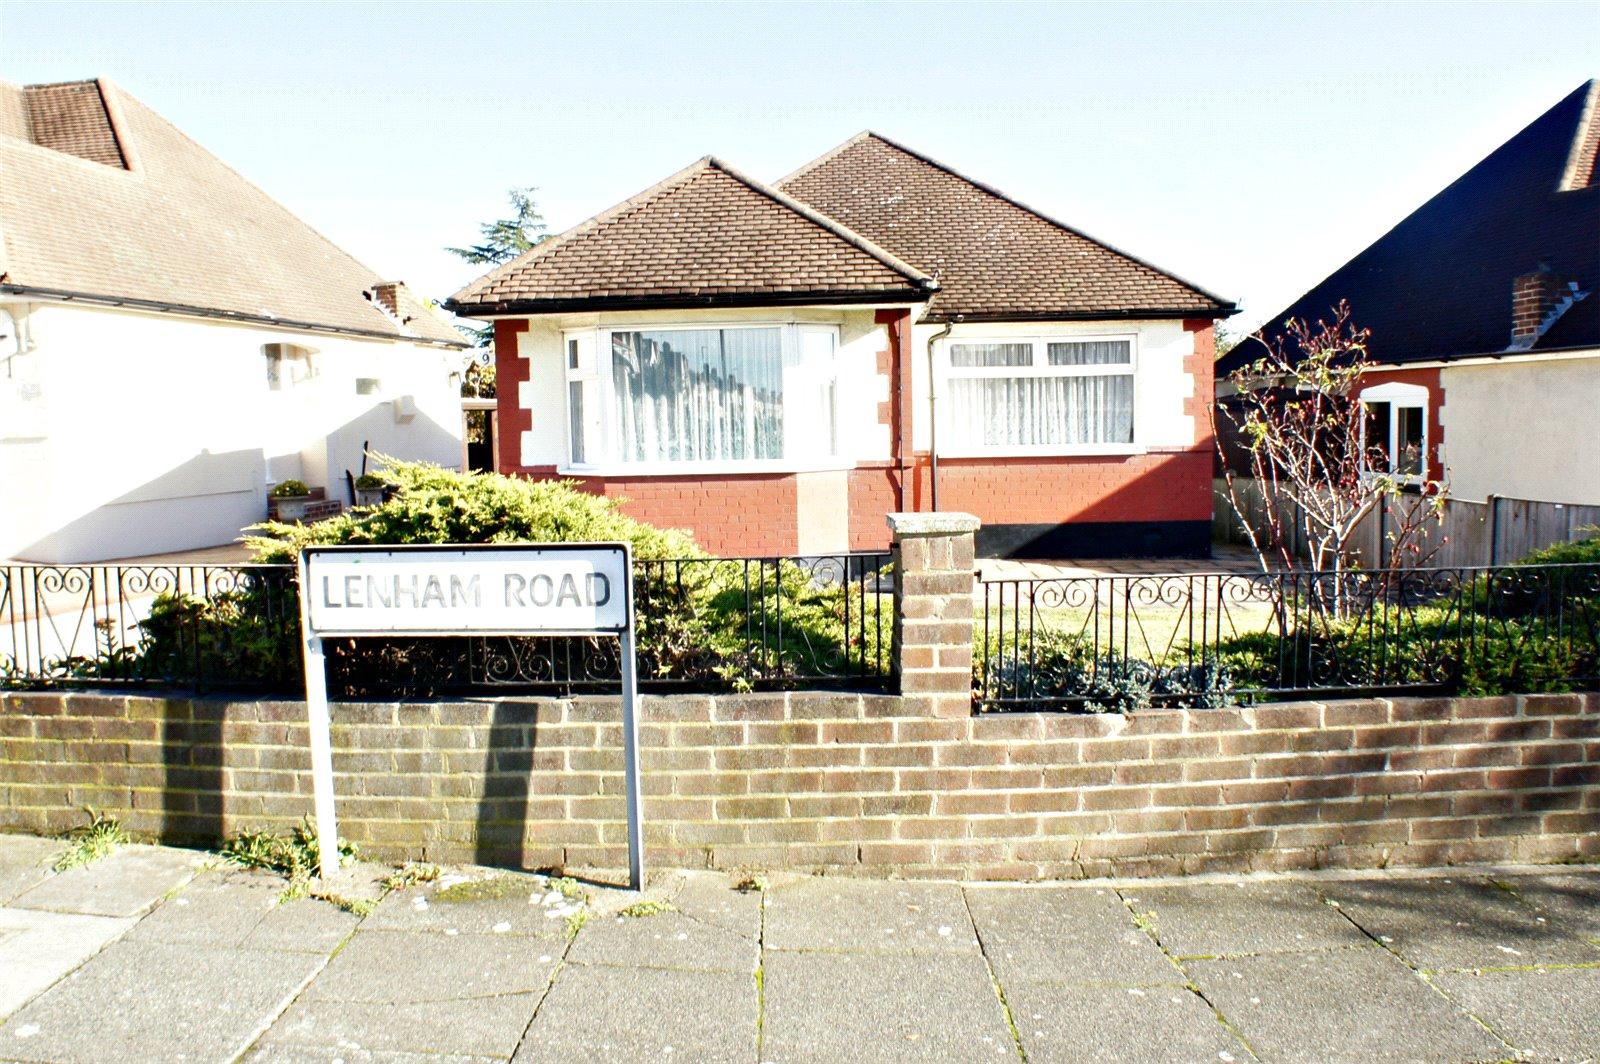 Lenham Road, Bexleyheath, Kent, DA7